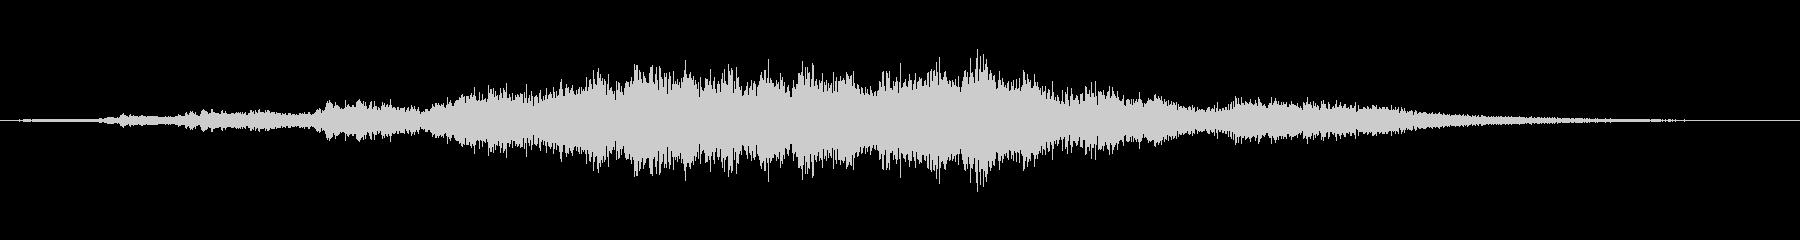 優雅な和風サウンド琴のマルチフレーズ4の未再生の波形